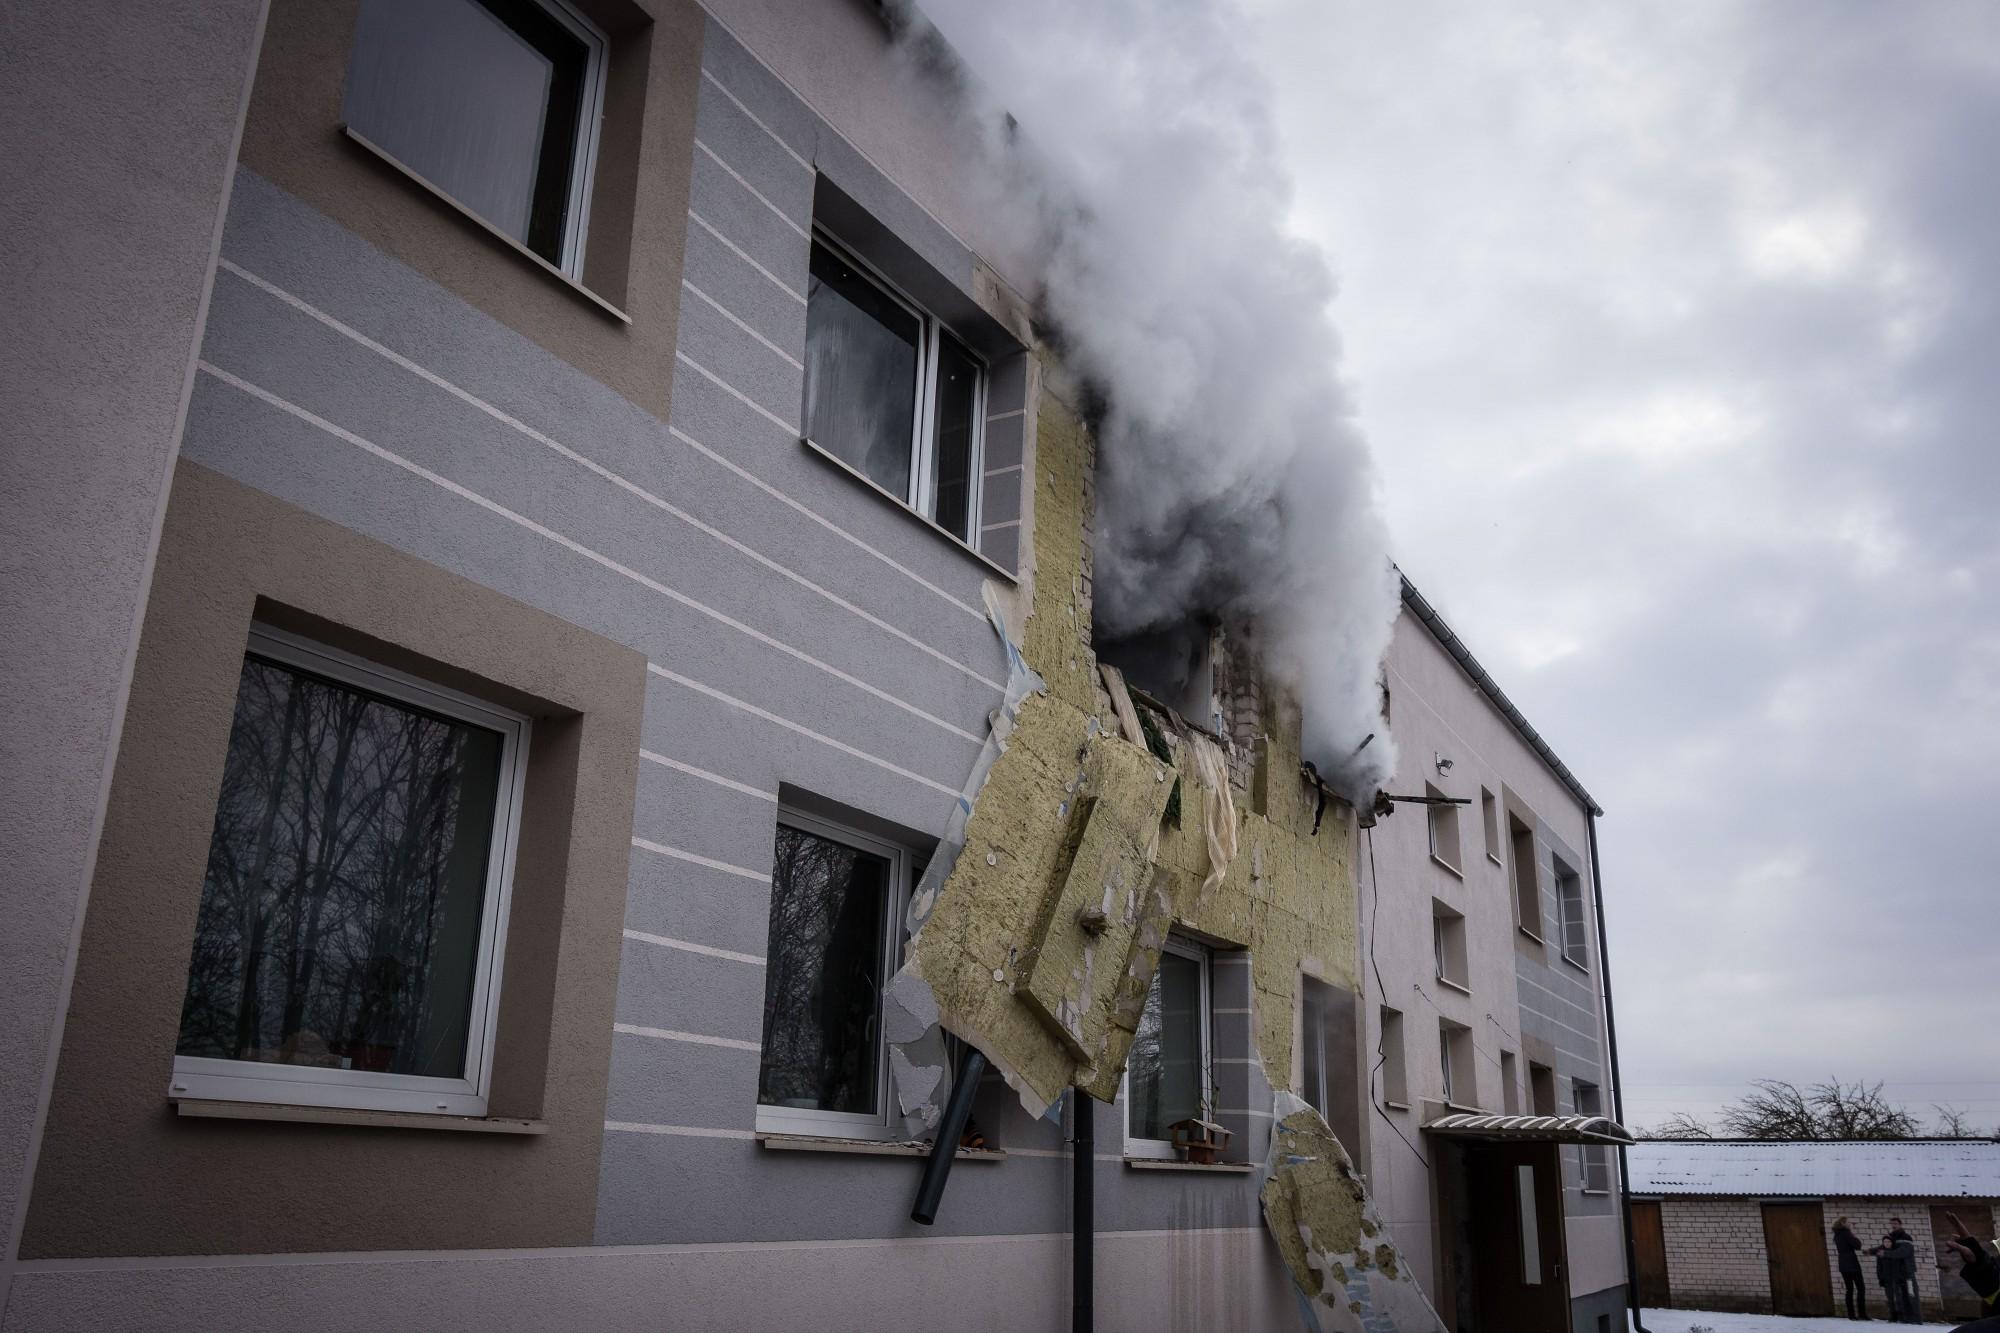 Papildināts (14:59) – Gāzes sprādzienā Nīcā cieš cilvēki